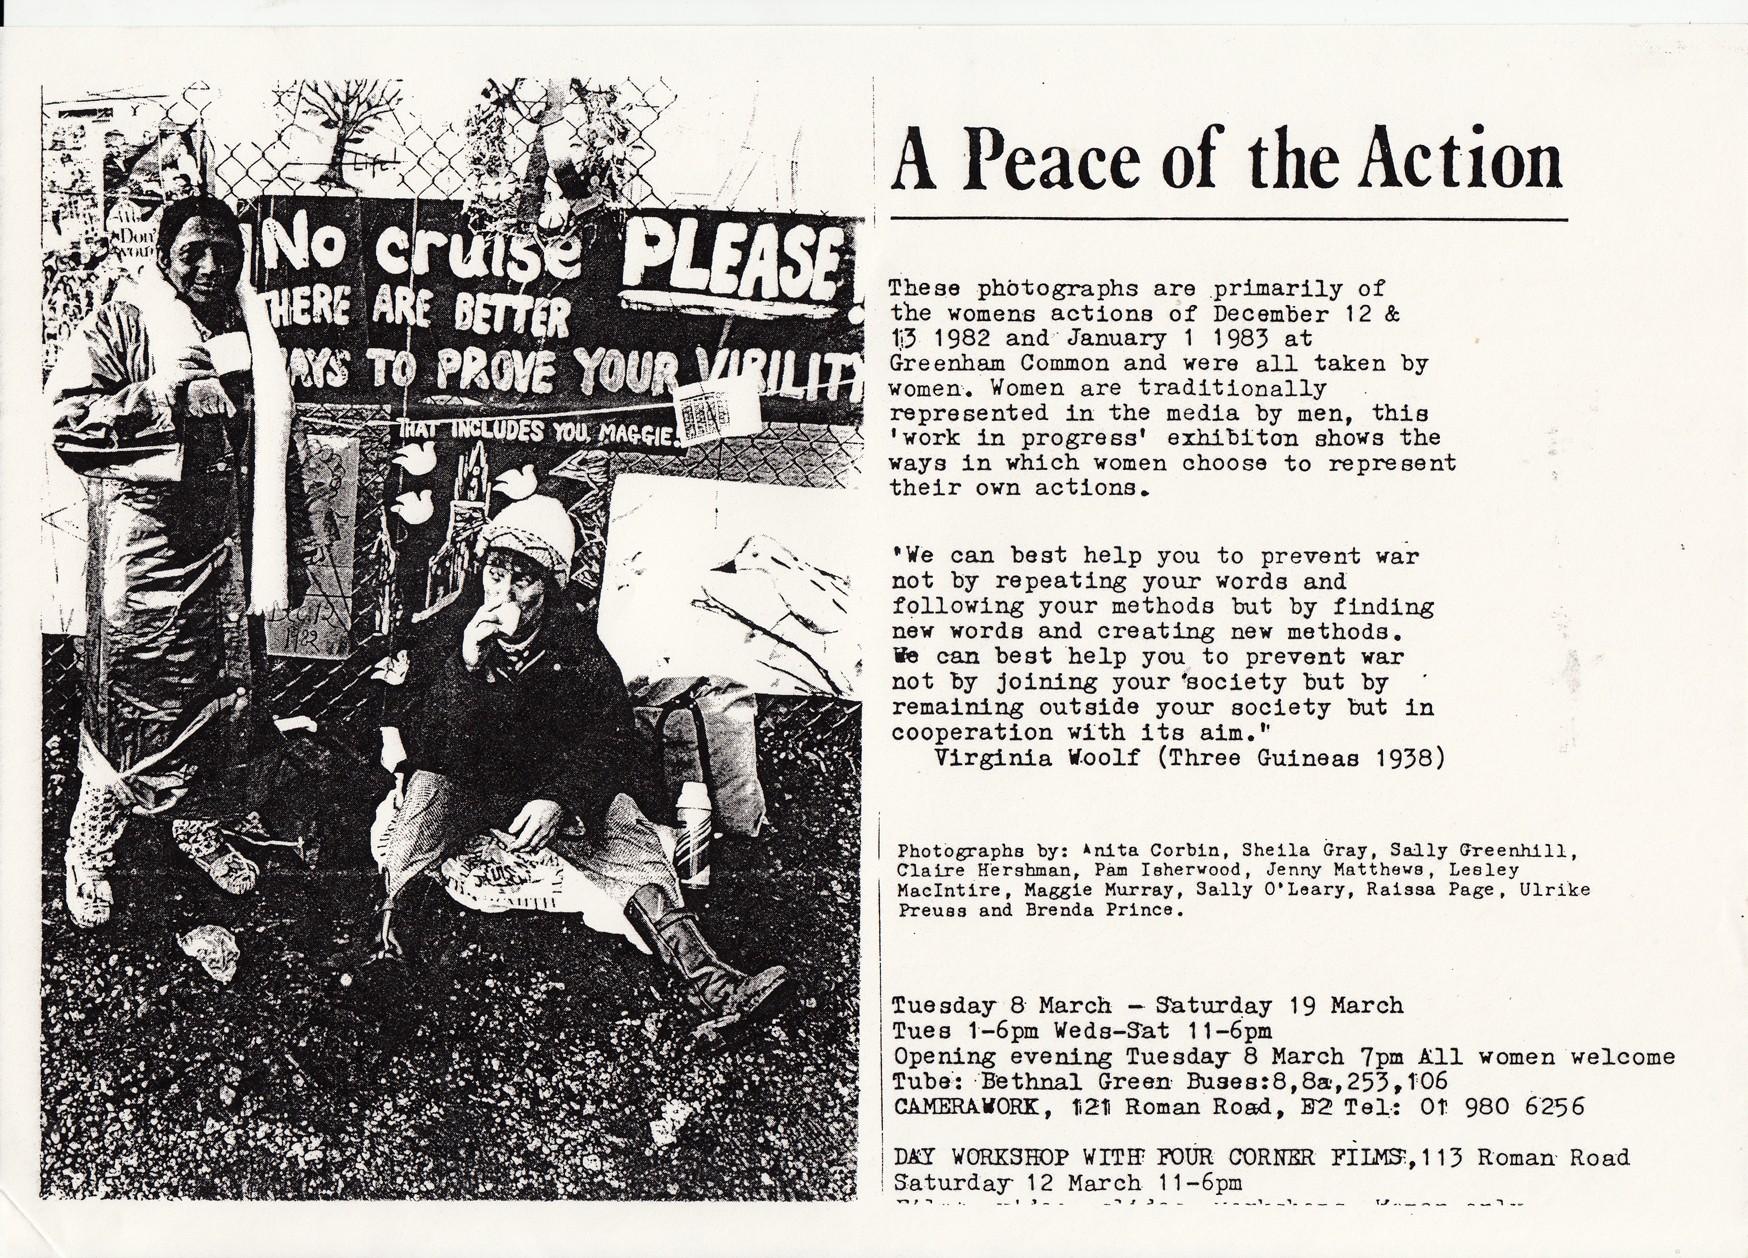 A Peace of the Action - Anita Corbin, Sheila Gray, Sally